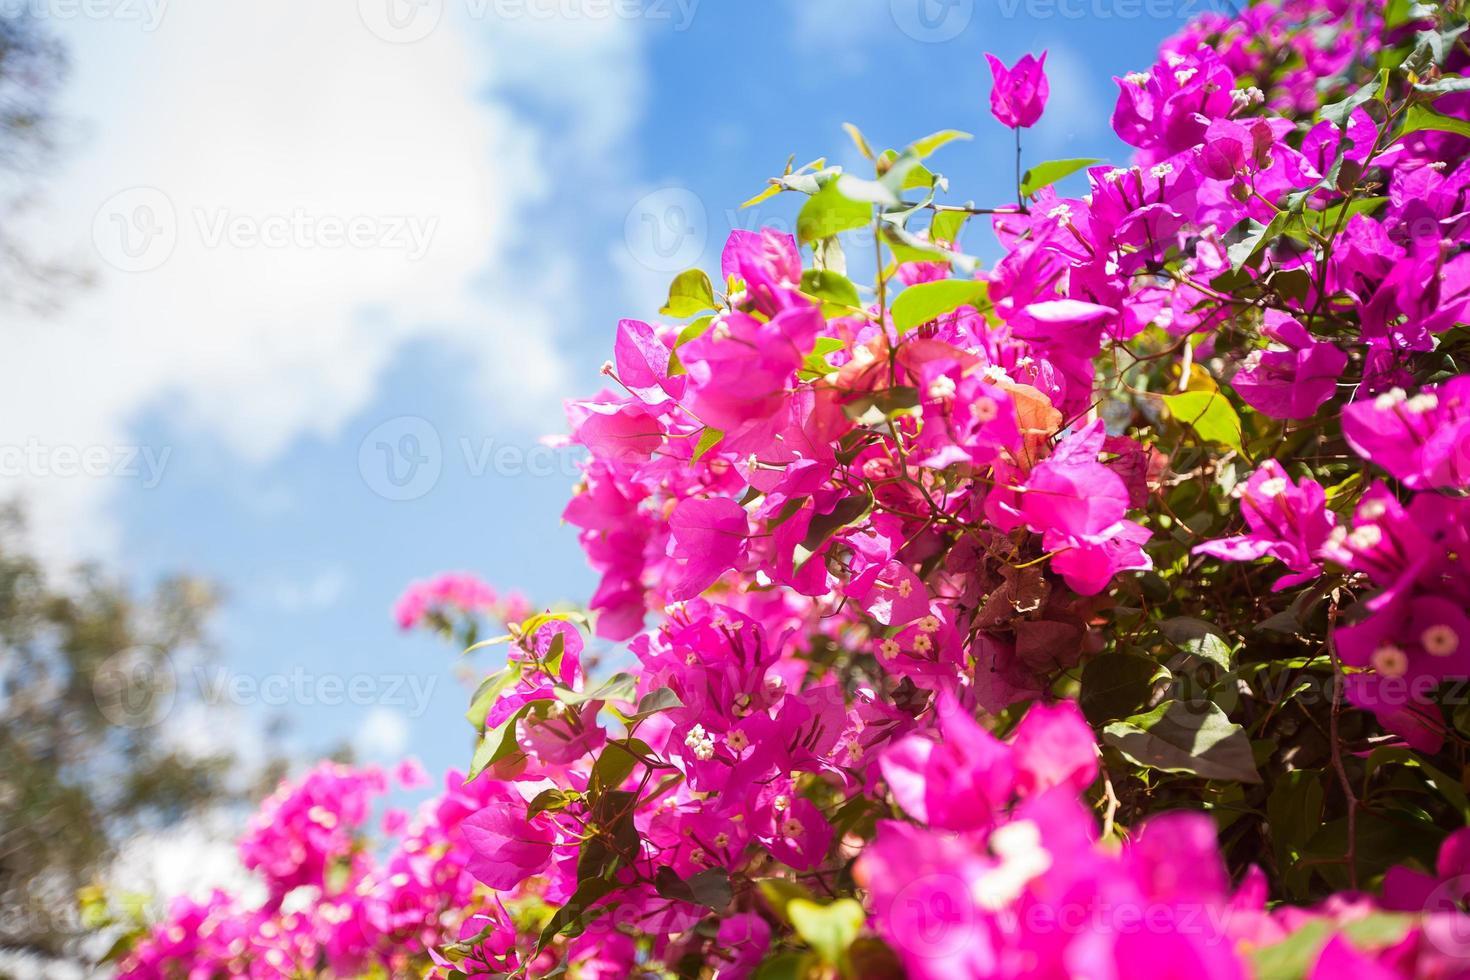 fioritura fiori rosa contro il cielo blu foto